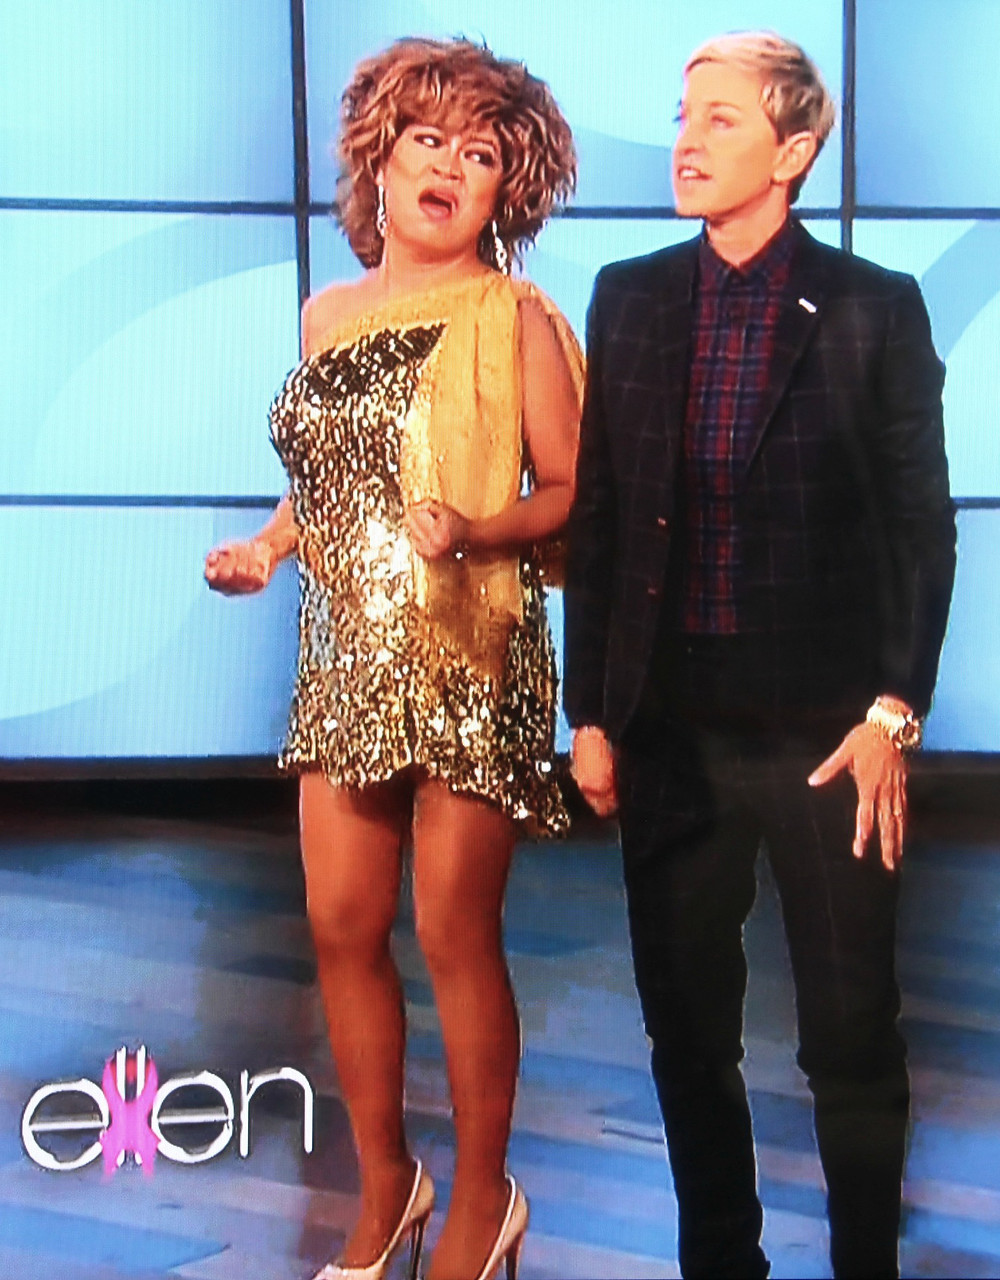 Guesting at the Ellen Show